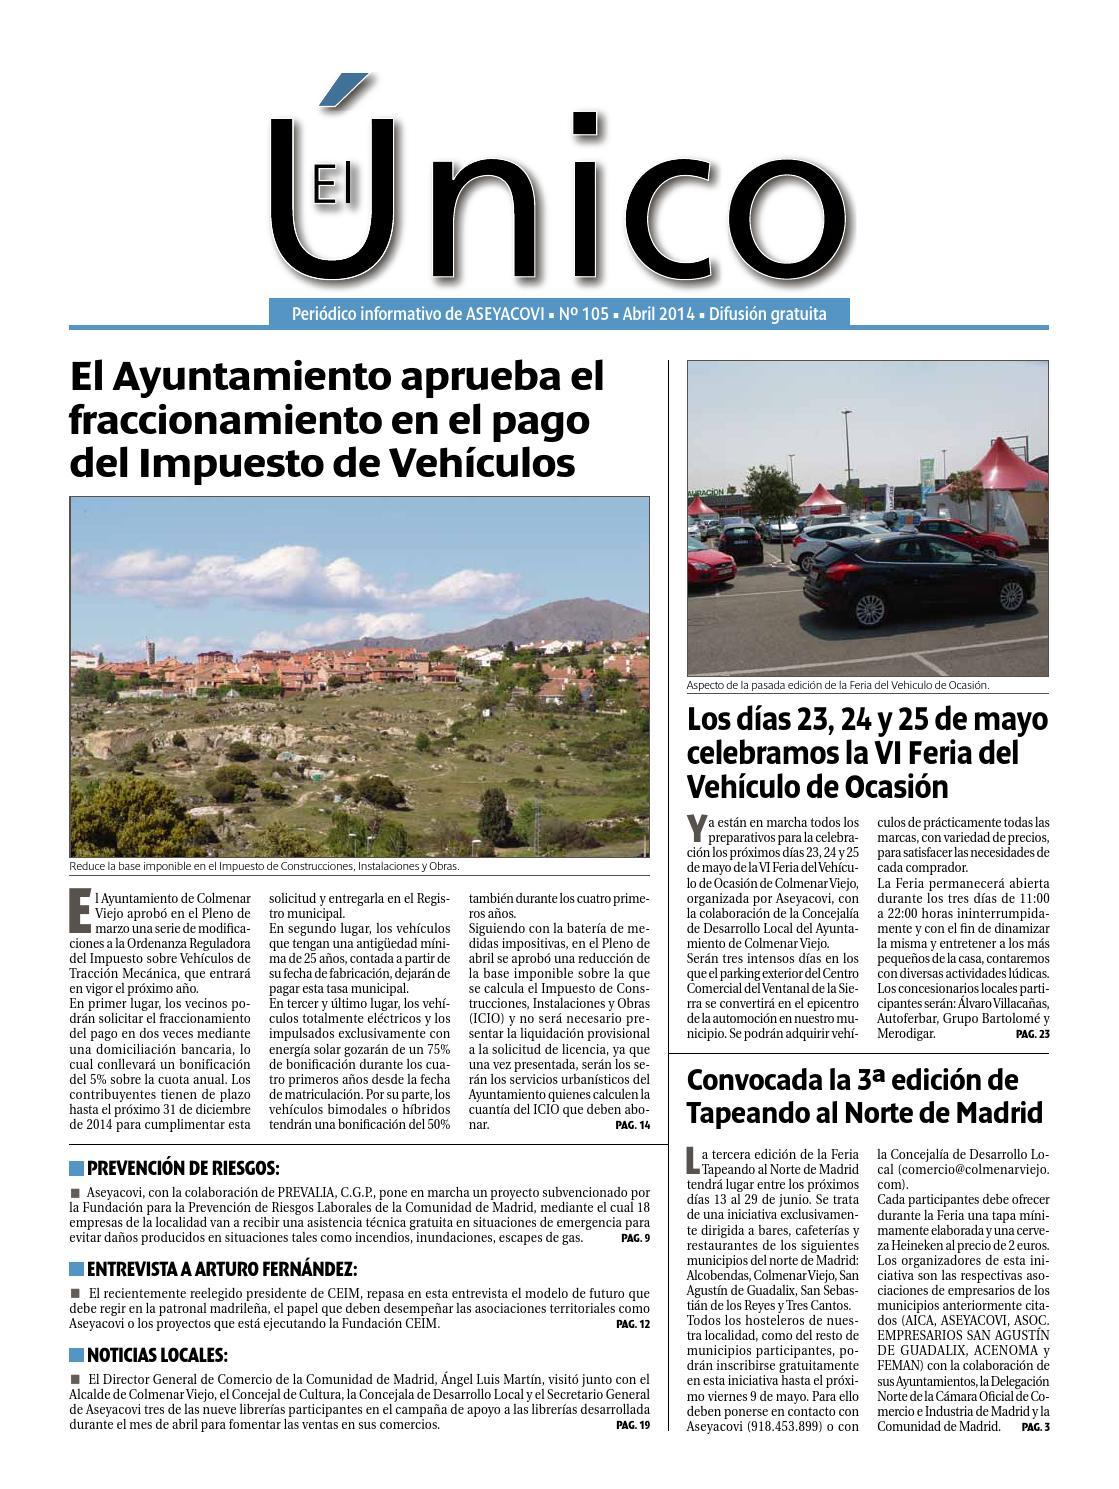 El Único 105. Abril 2014 by Aseyacovi - issuu